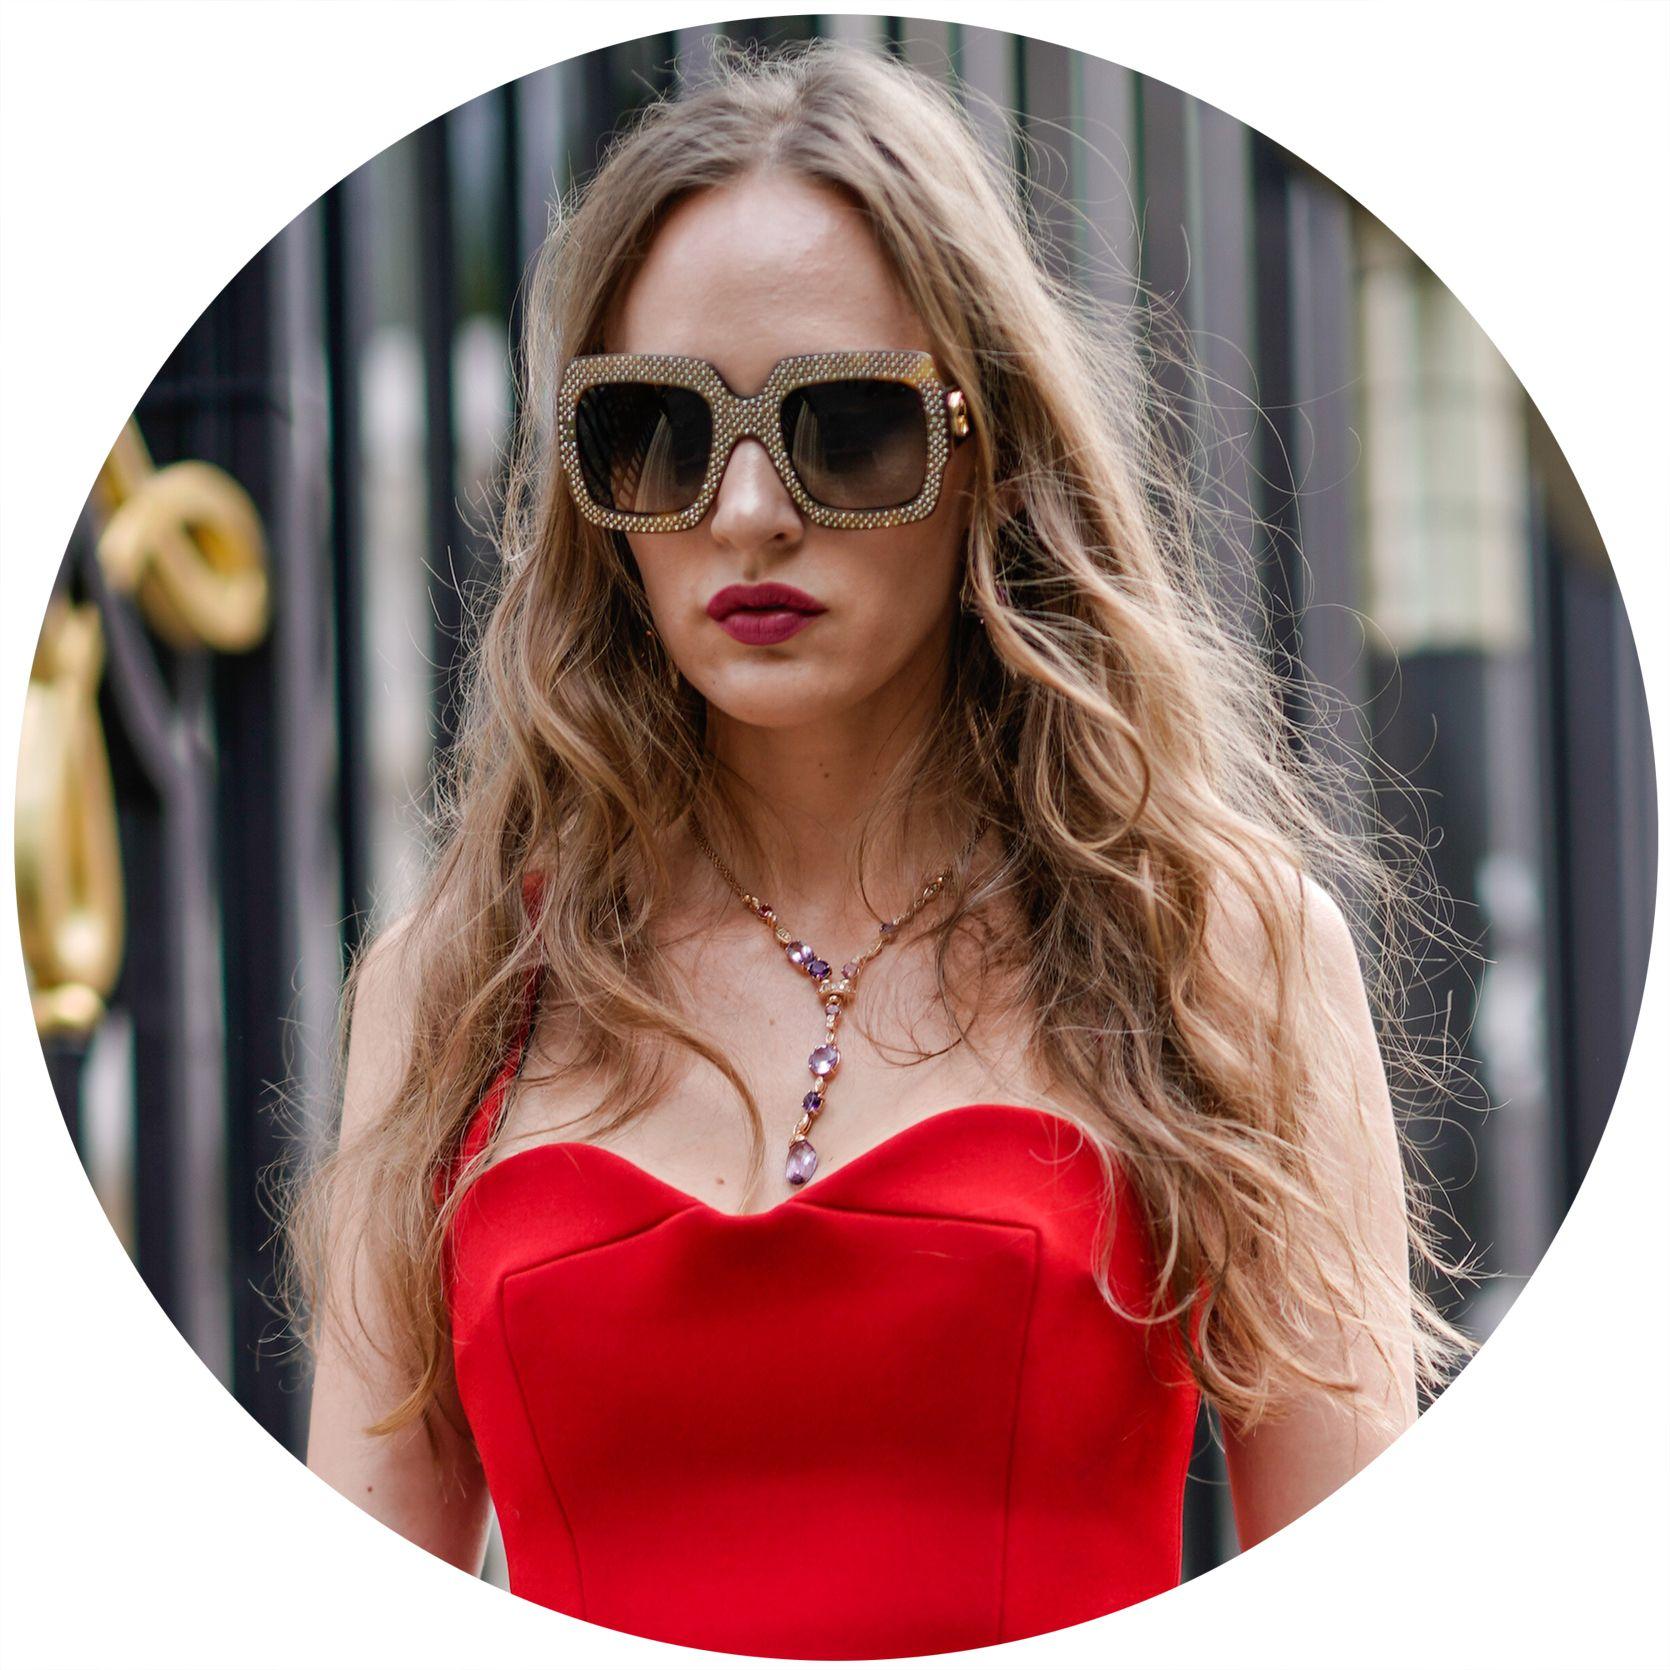 Occhiali da sole donna: le tendenze moda estate 2017